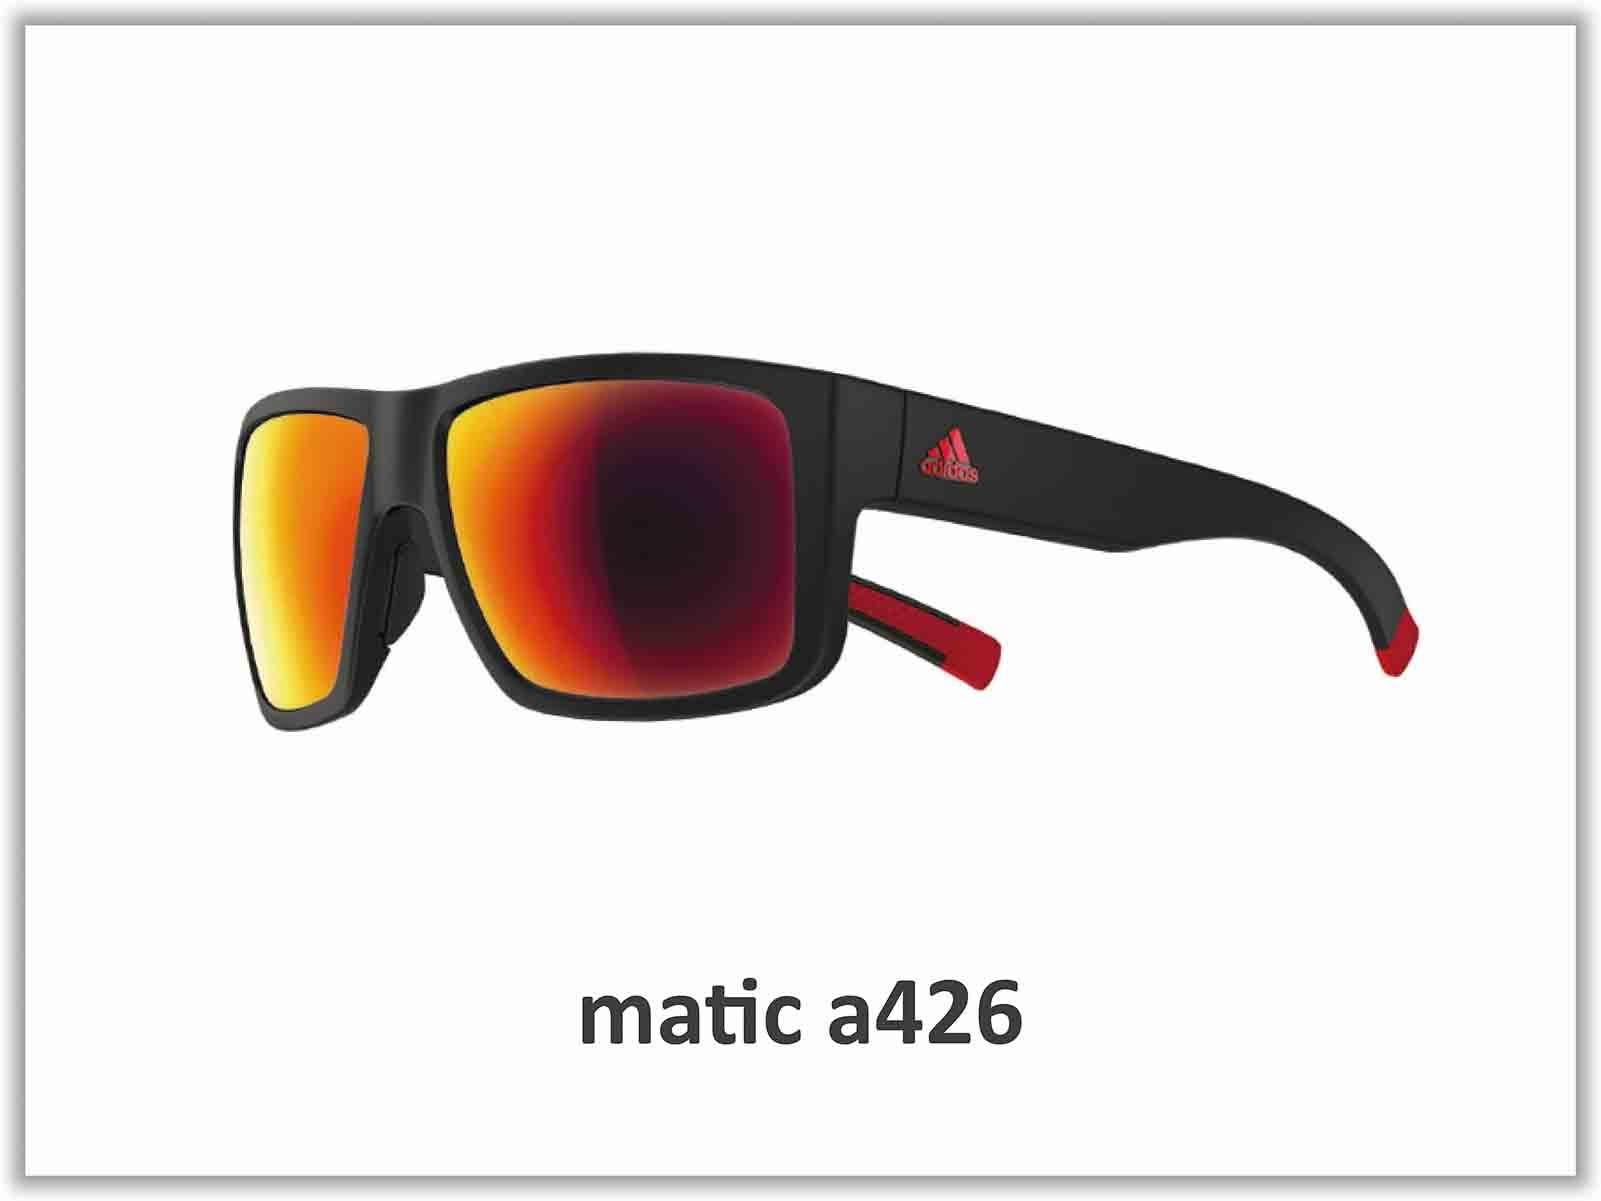 Matic a426